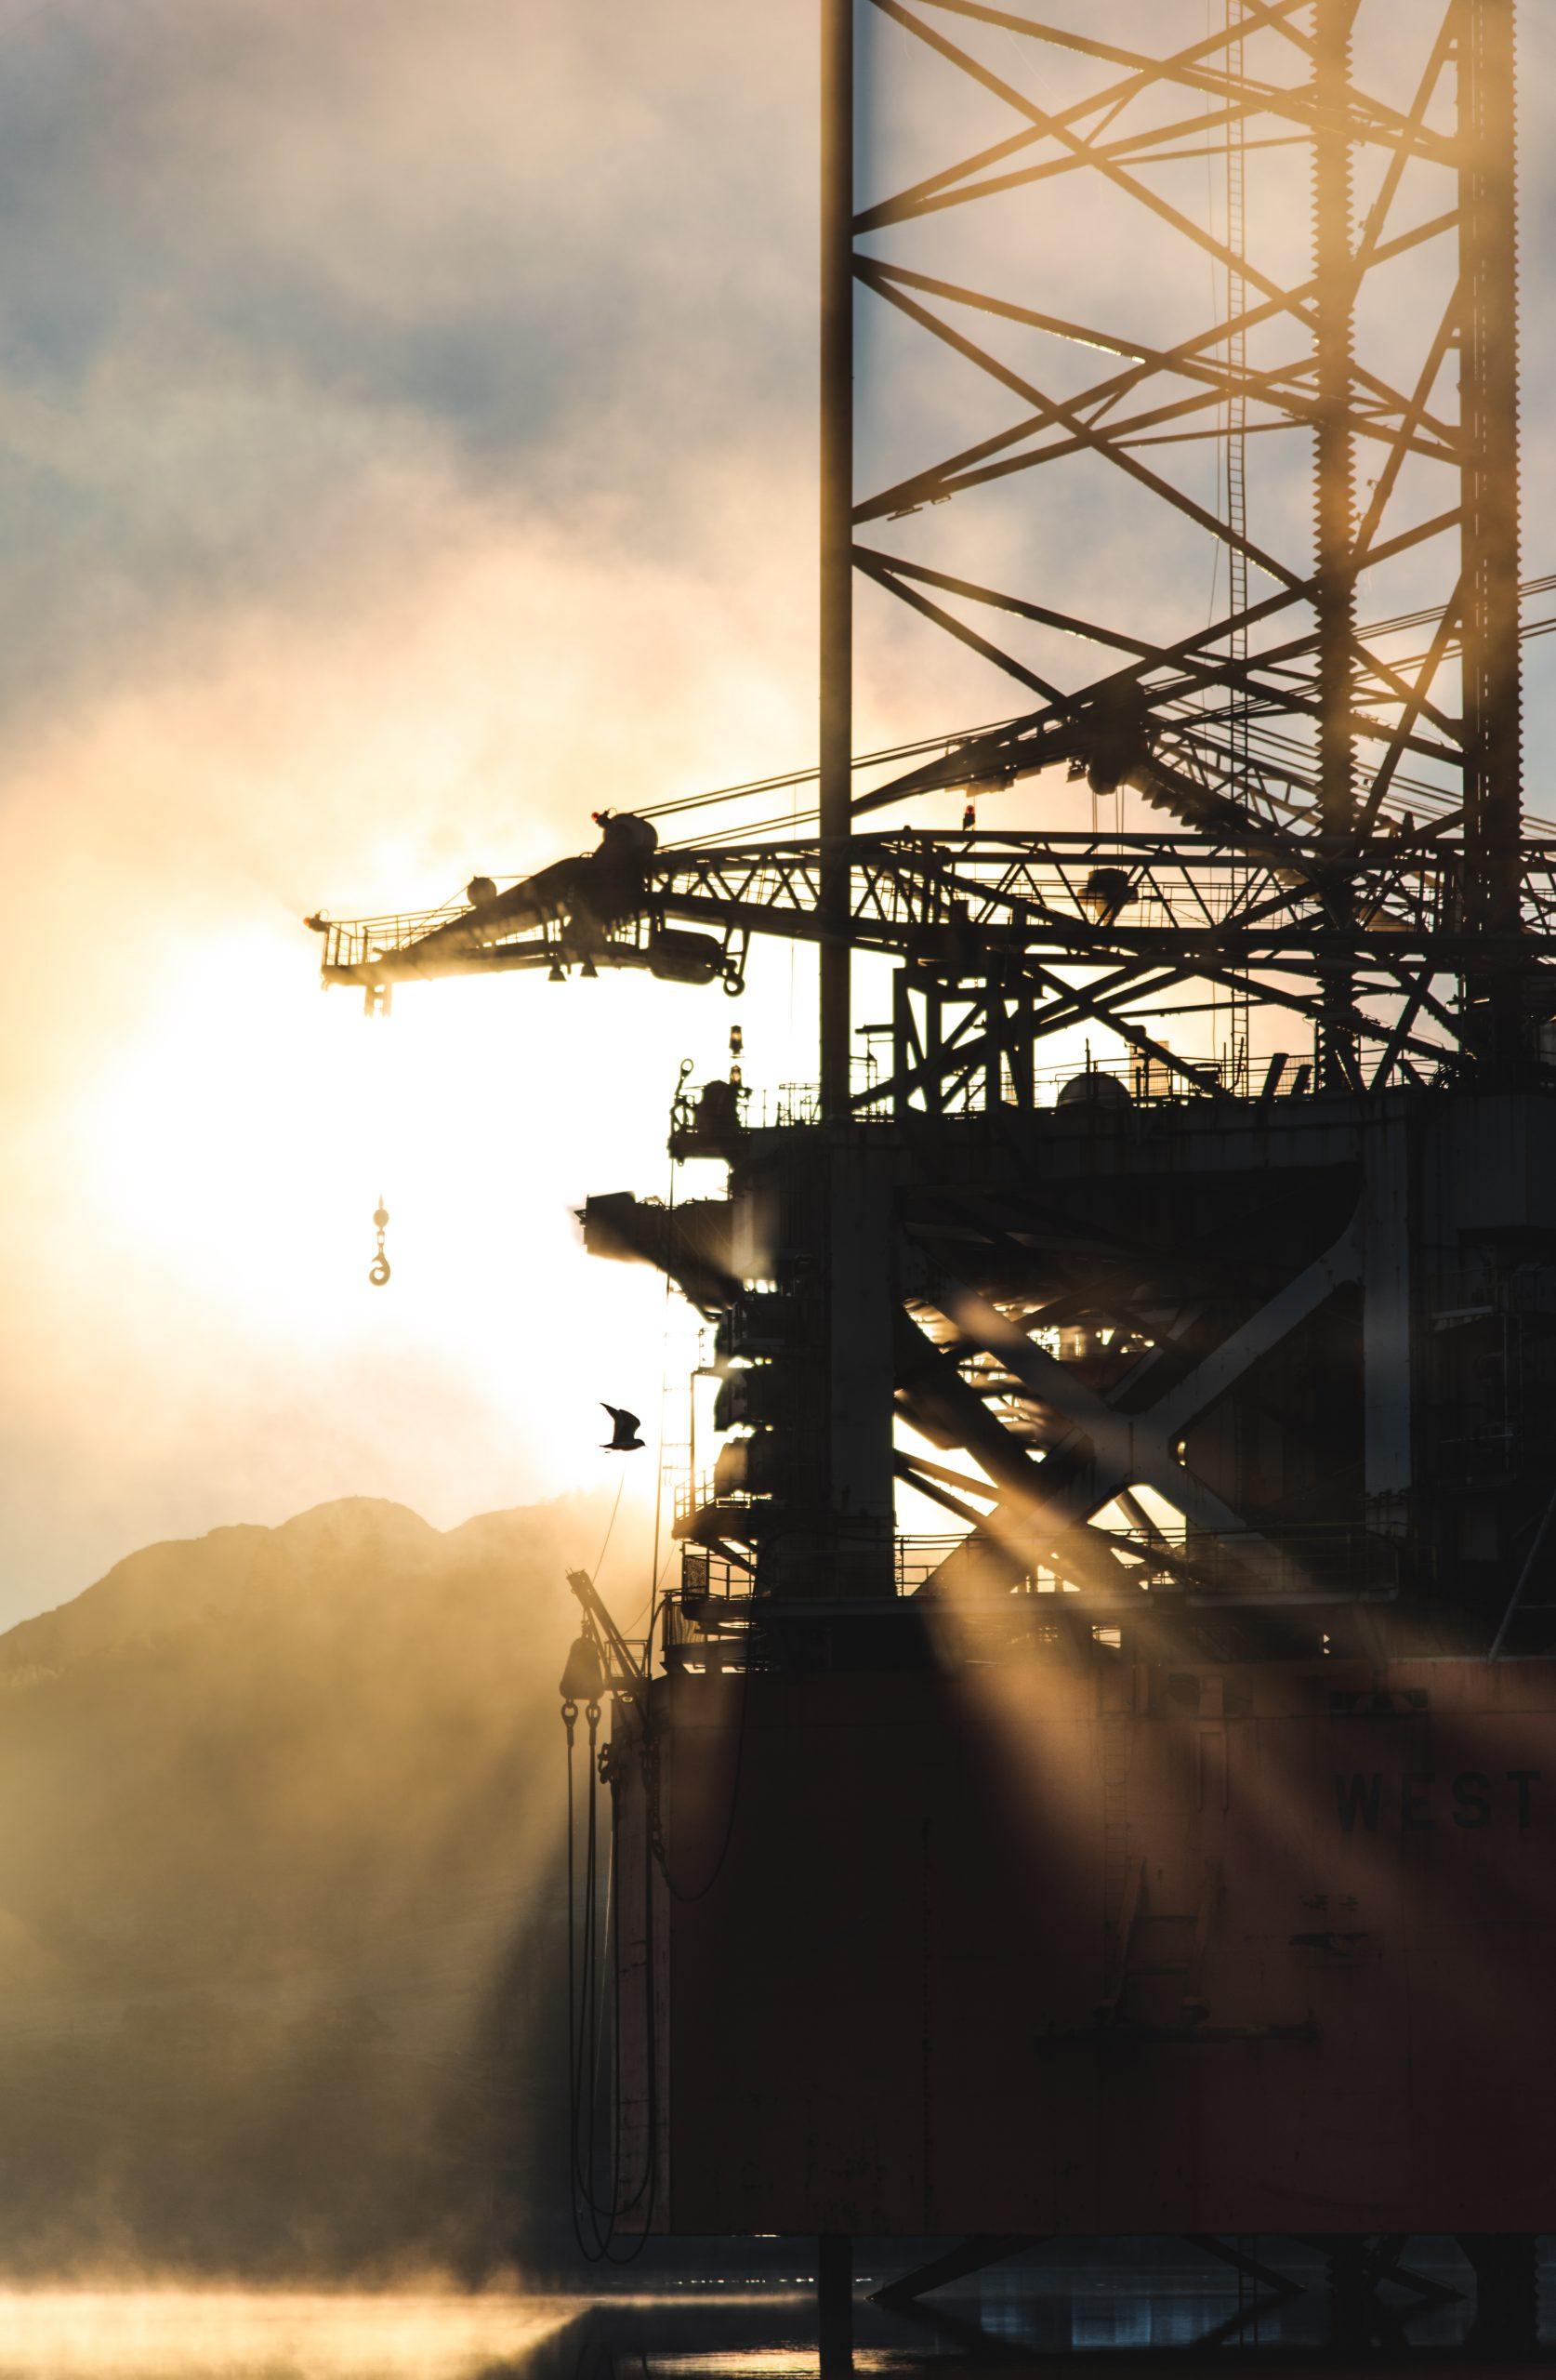 Canva - Photo of Oil Rig Platform